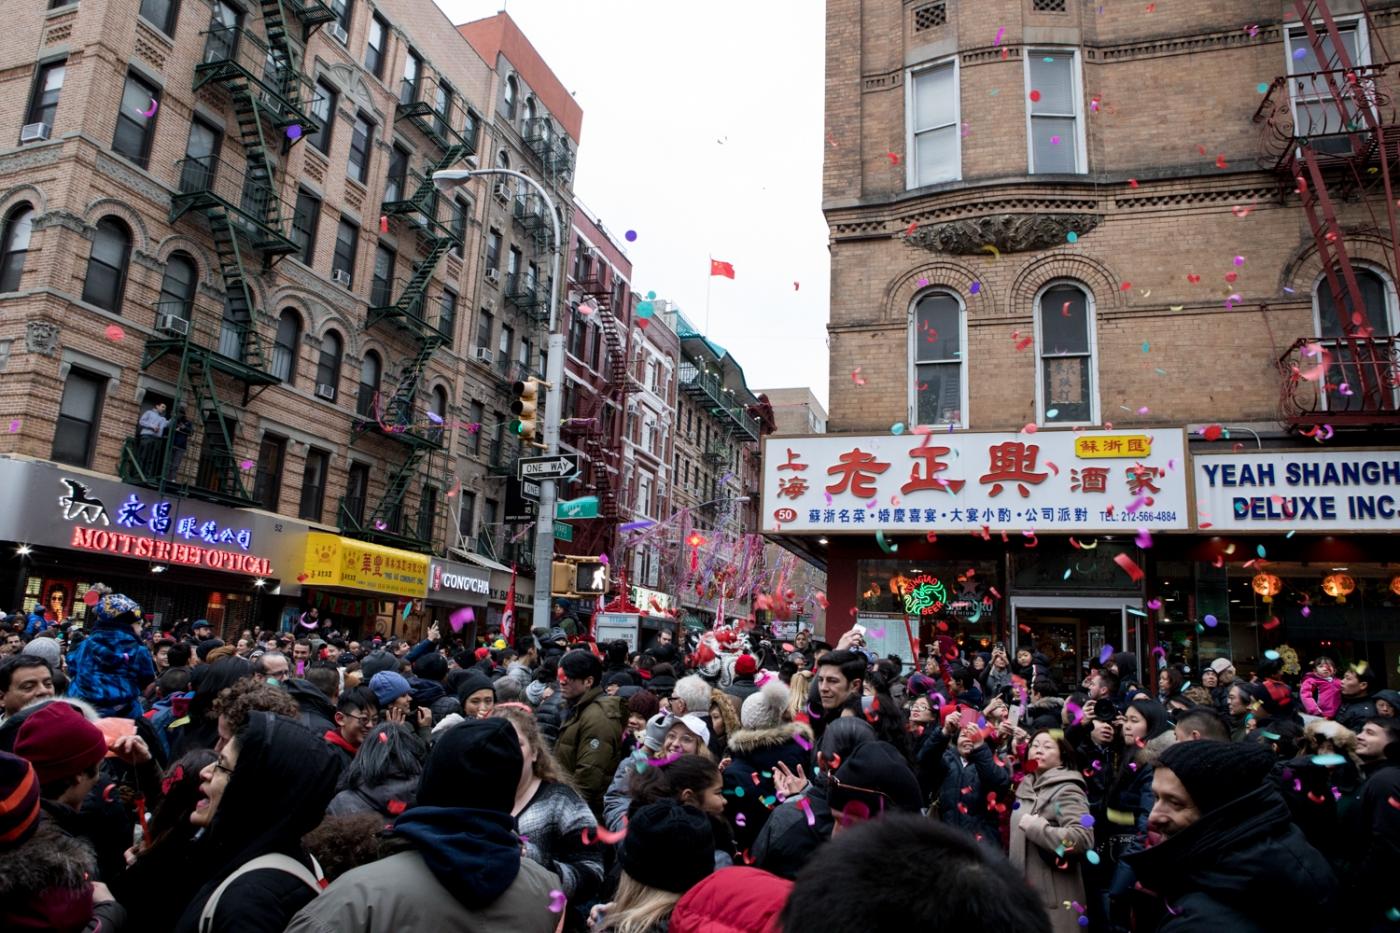 美國春節好熱鬧    ----紐約曼哈頓唐人街大年初一 20170128_图1-38